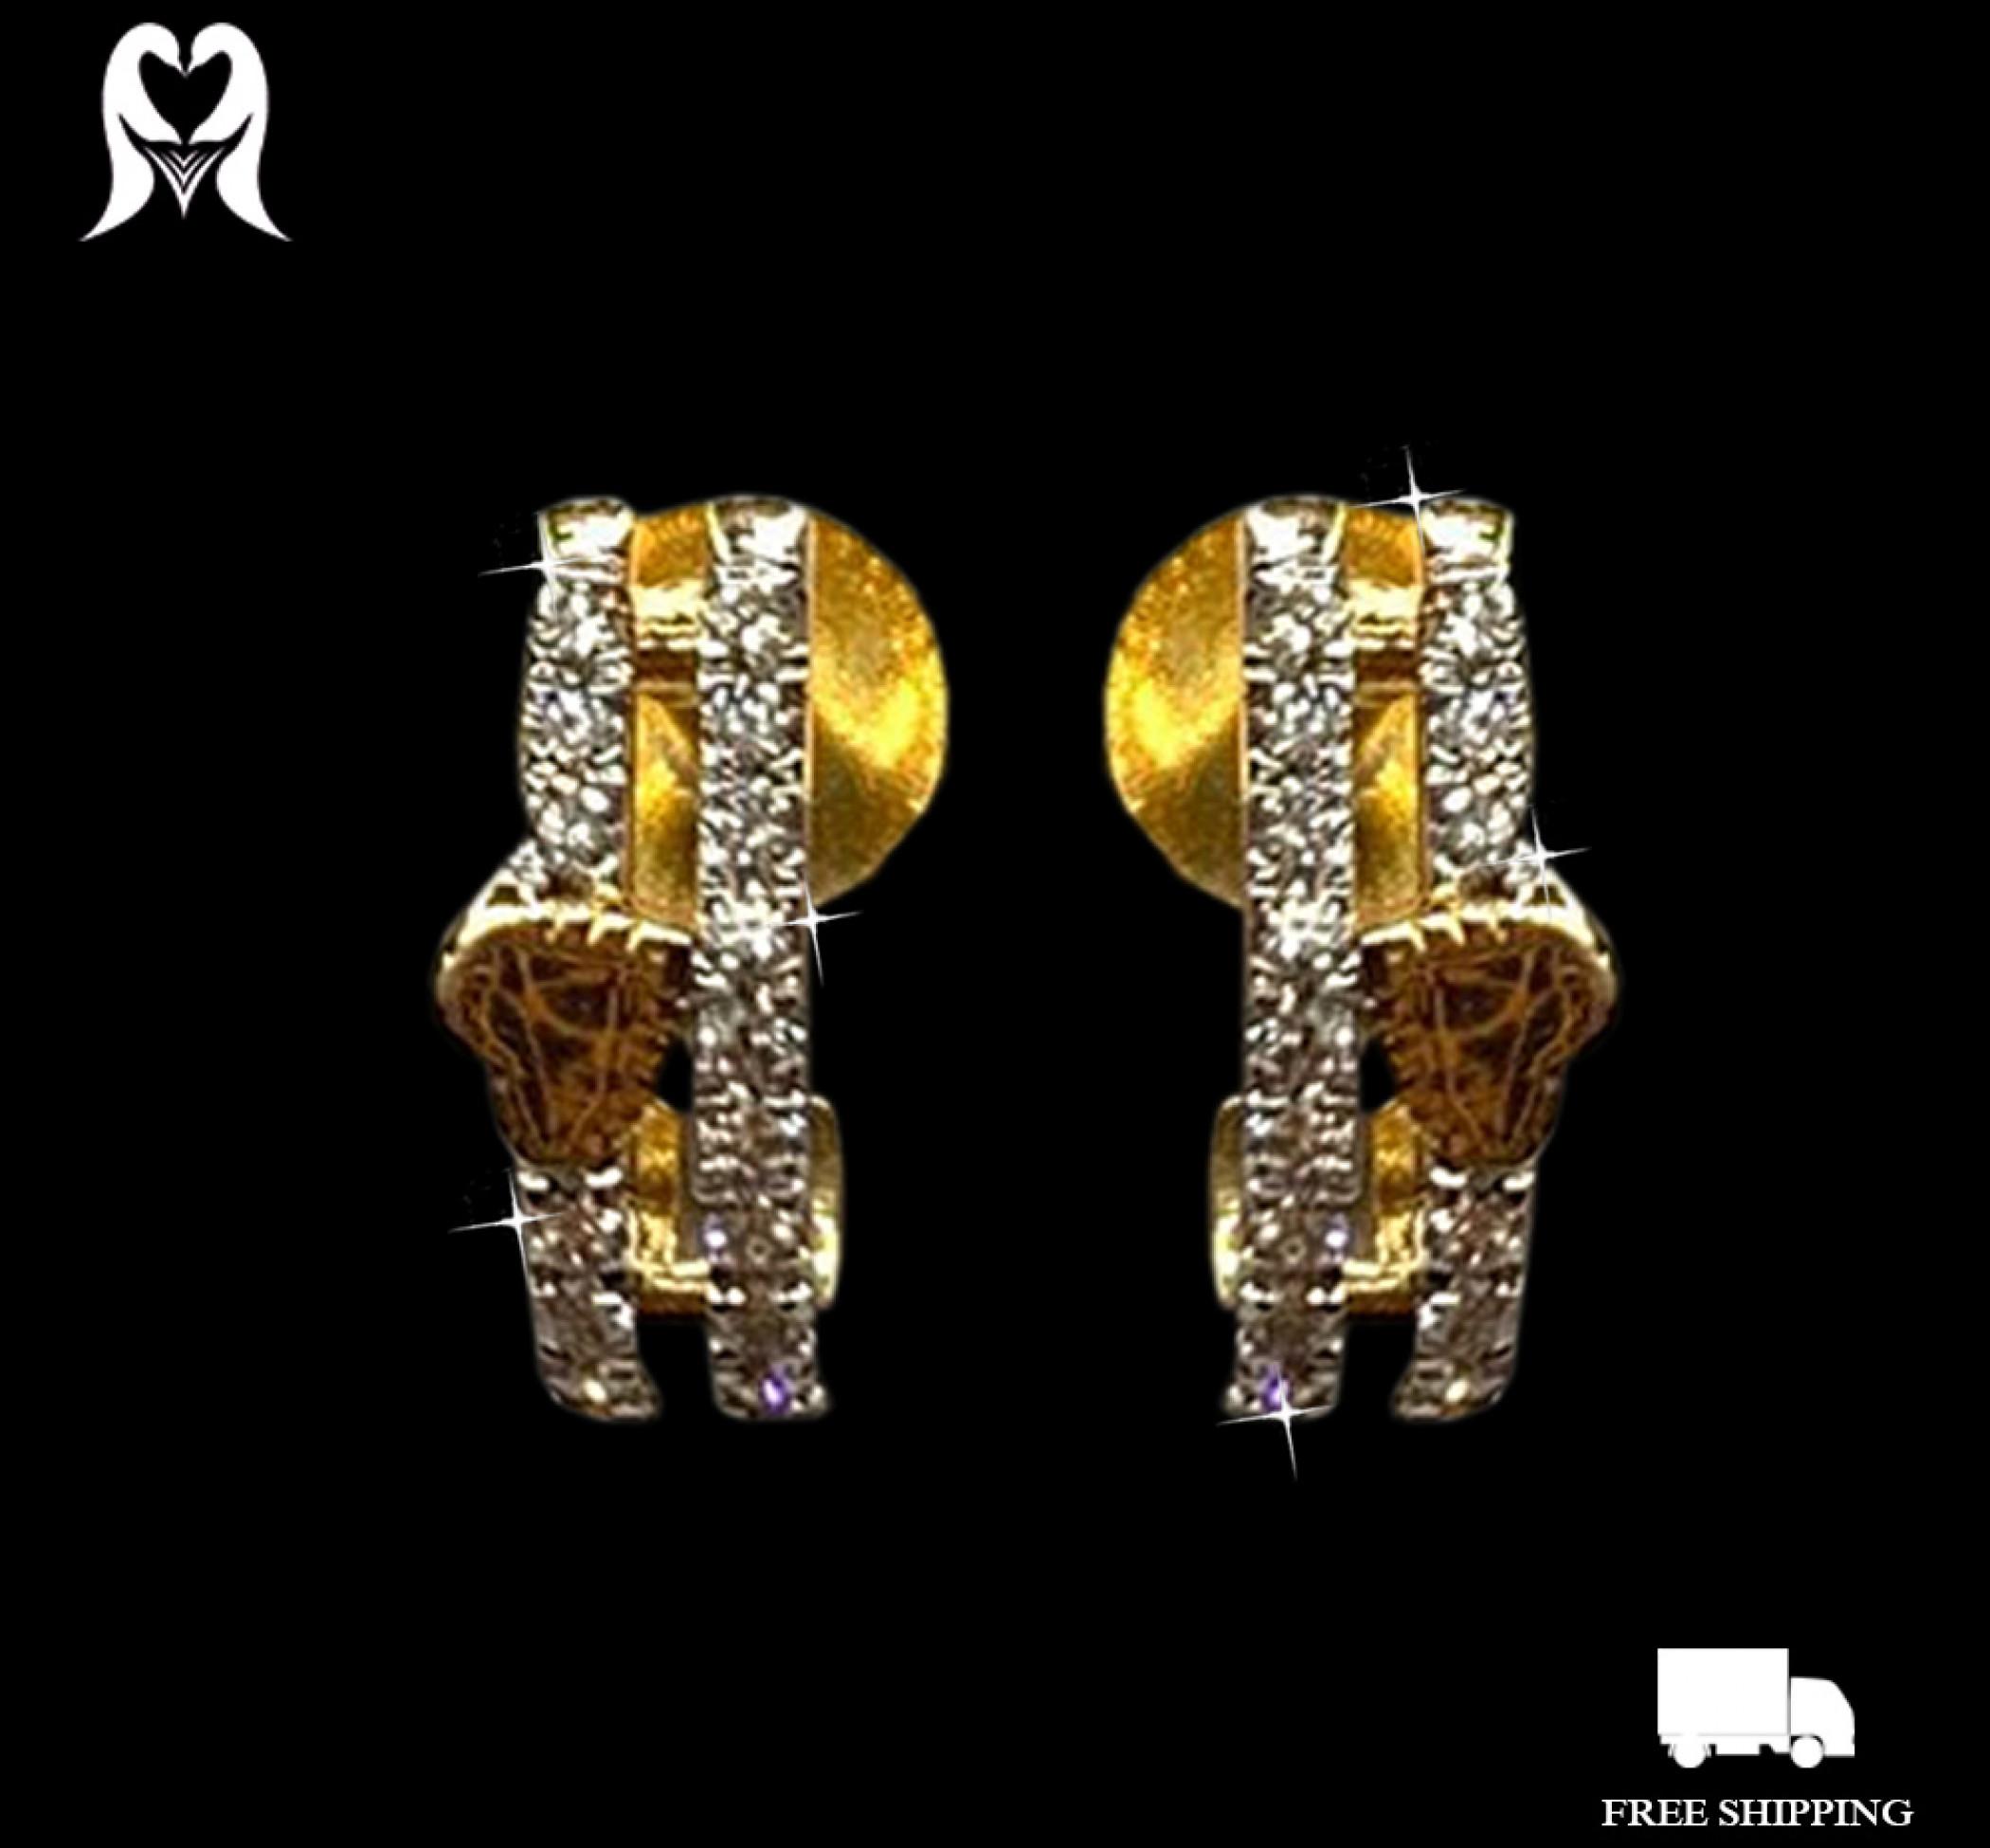 Diamond Earring 0.2 CTS 34 PCS J12130 [1.87g - 2030958]